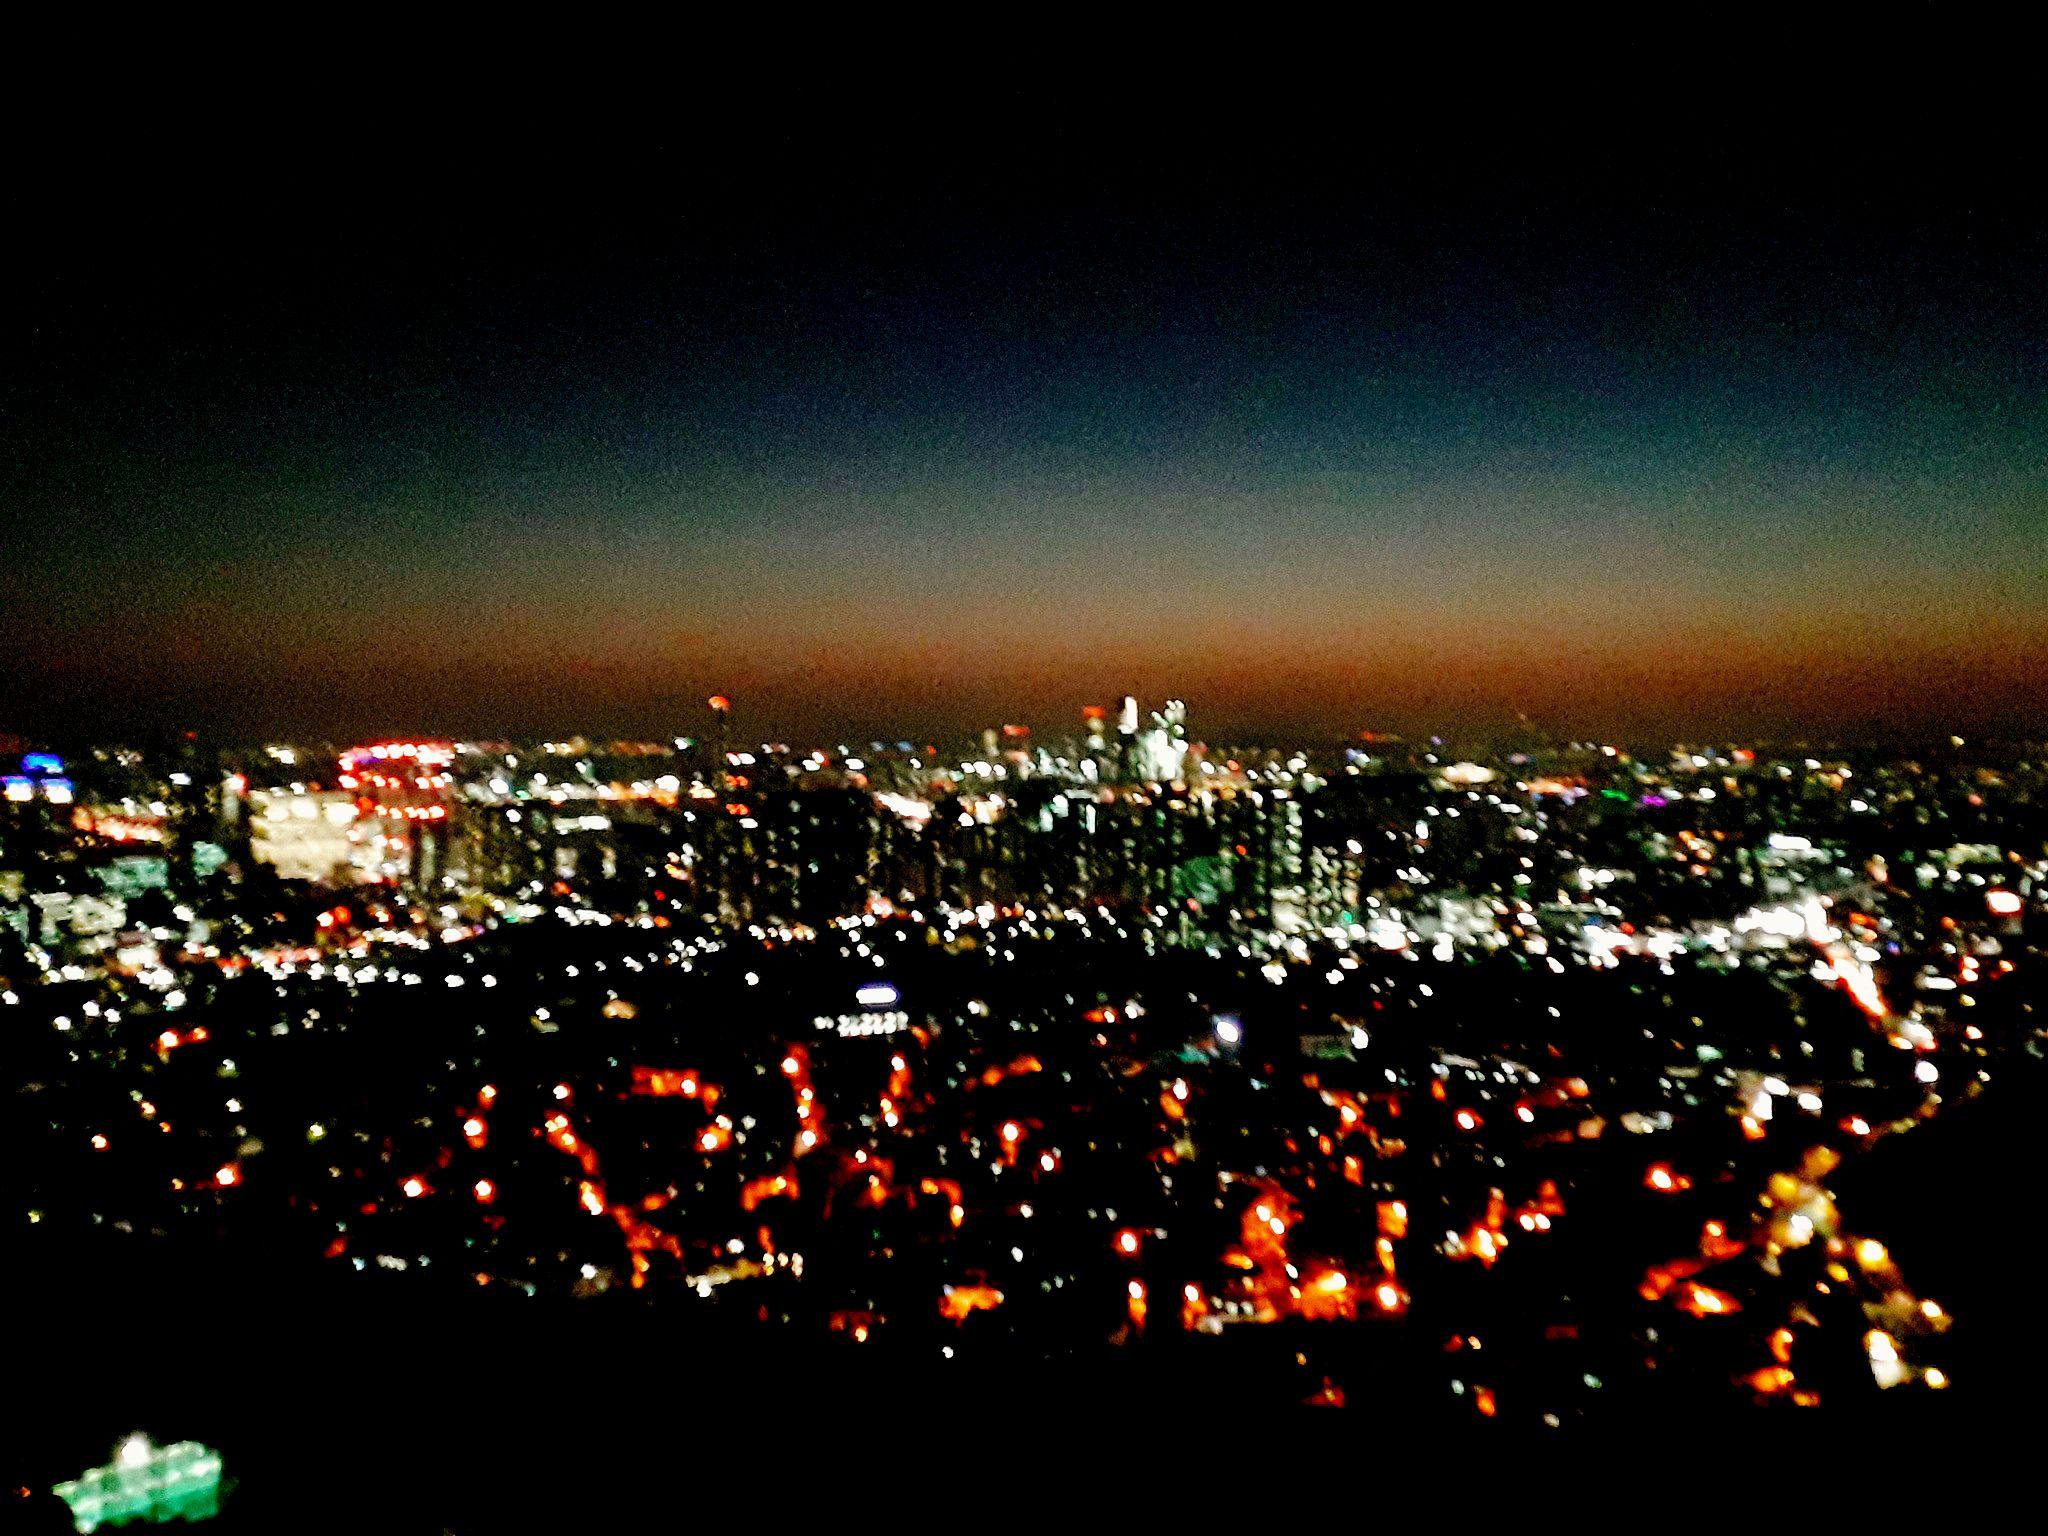 서울 저녁 놀 'ê²½ Seoul Scenery Nighttime Pemandangan Malam